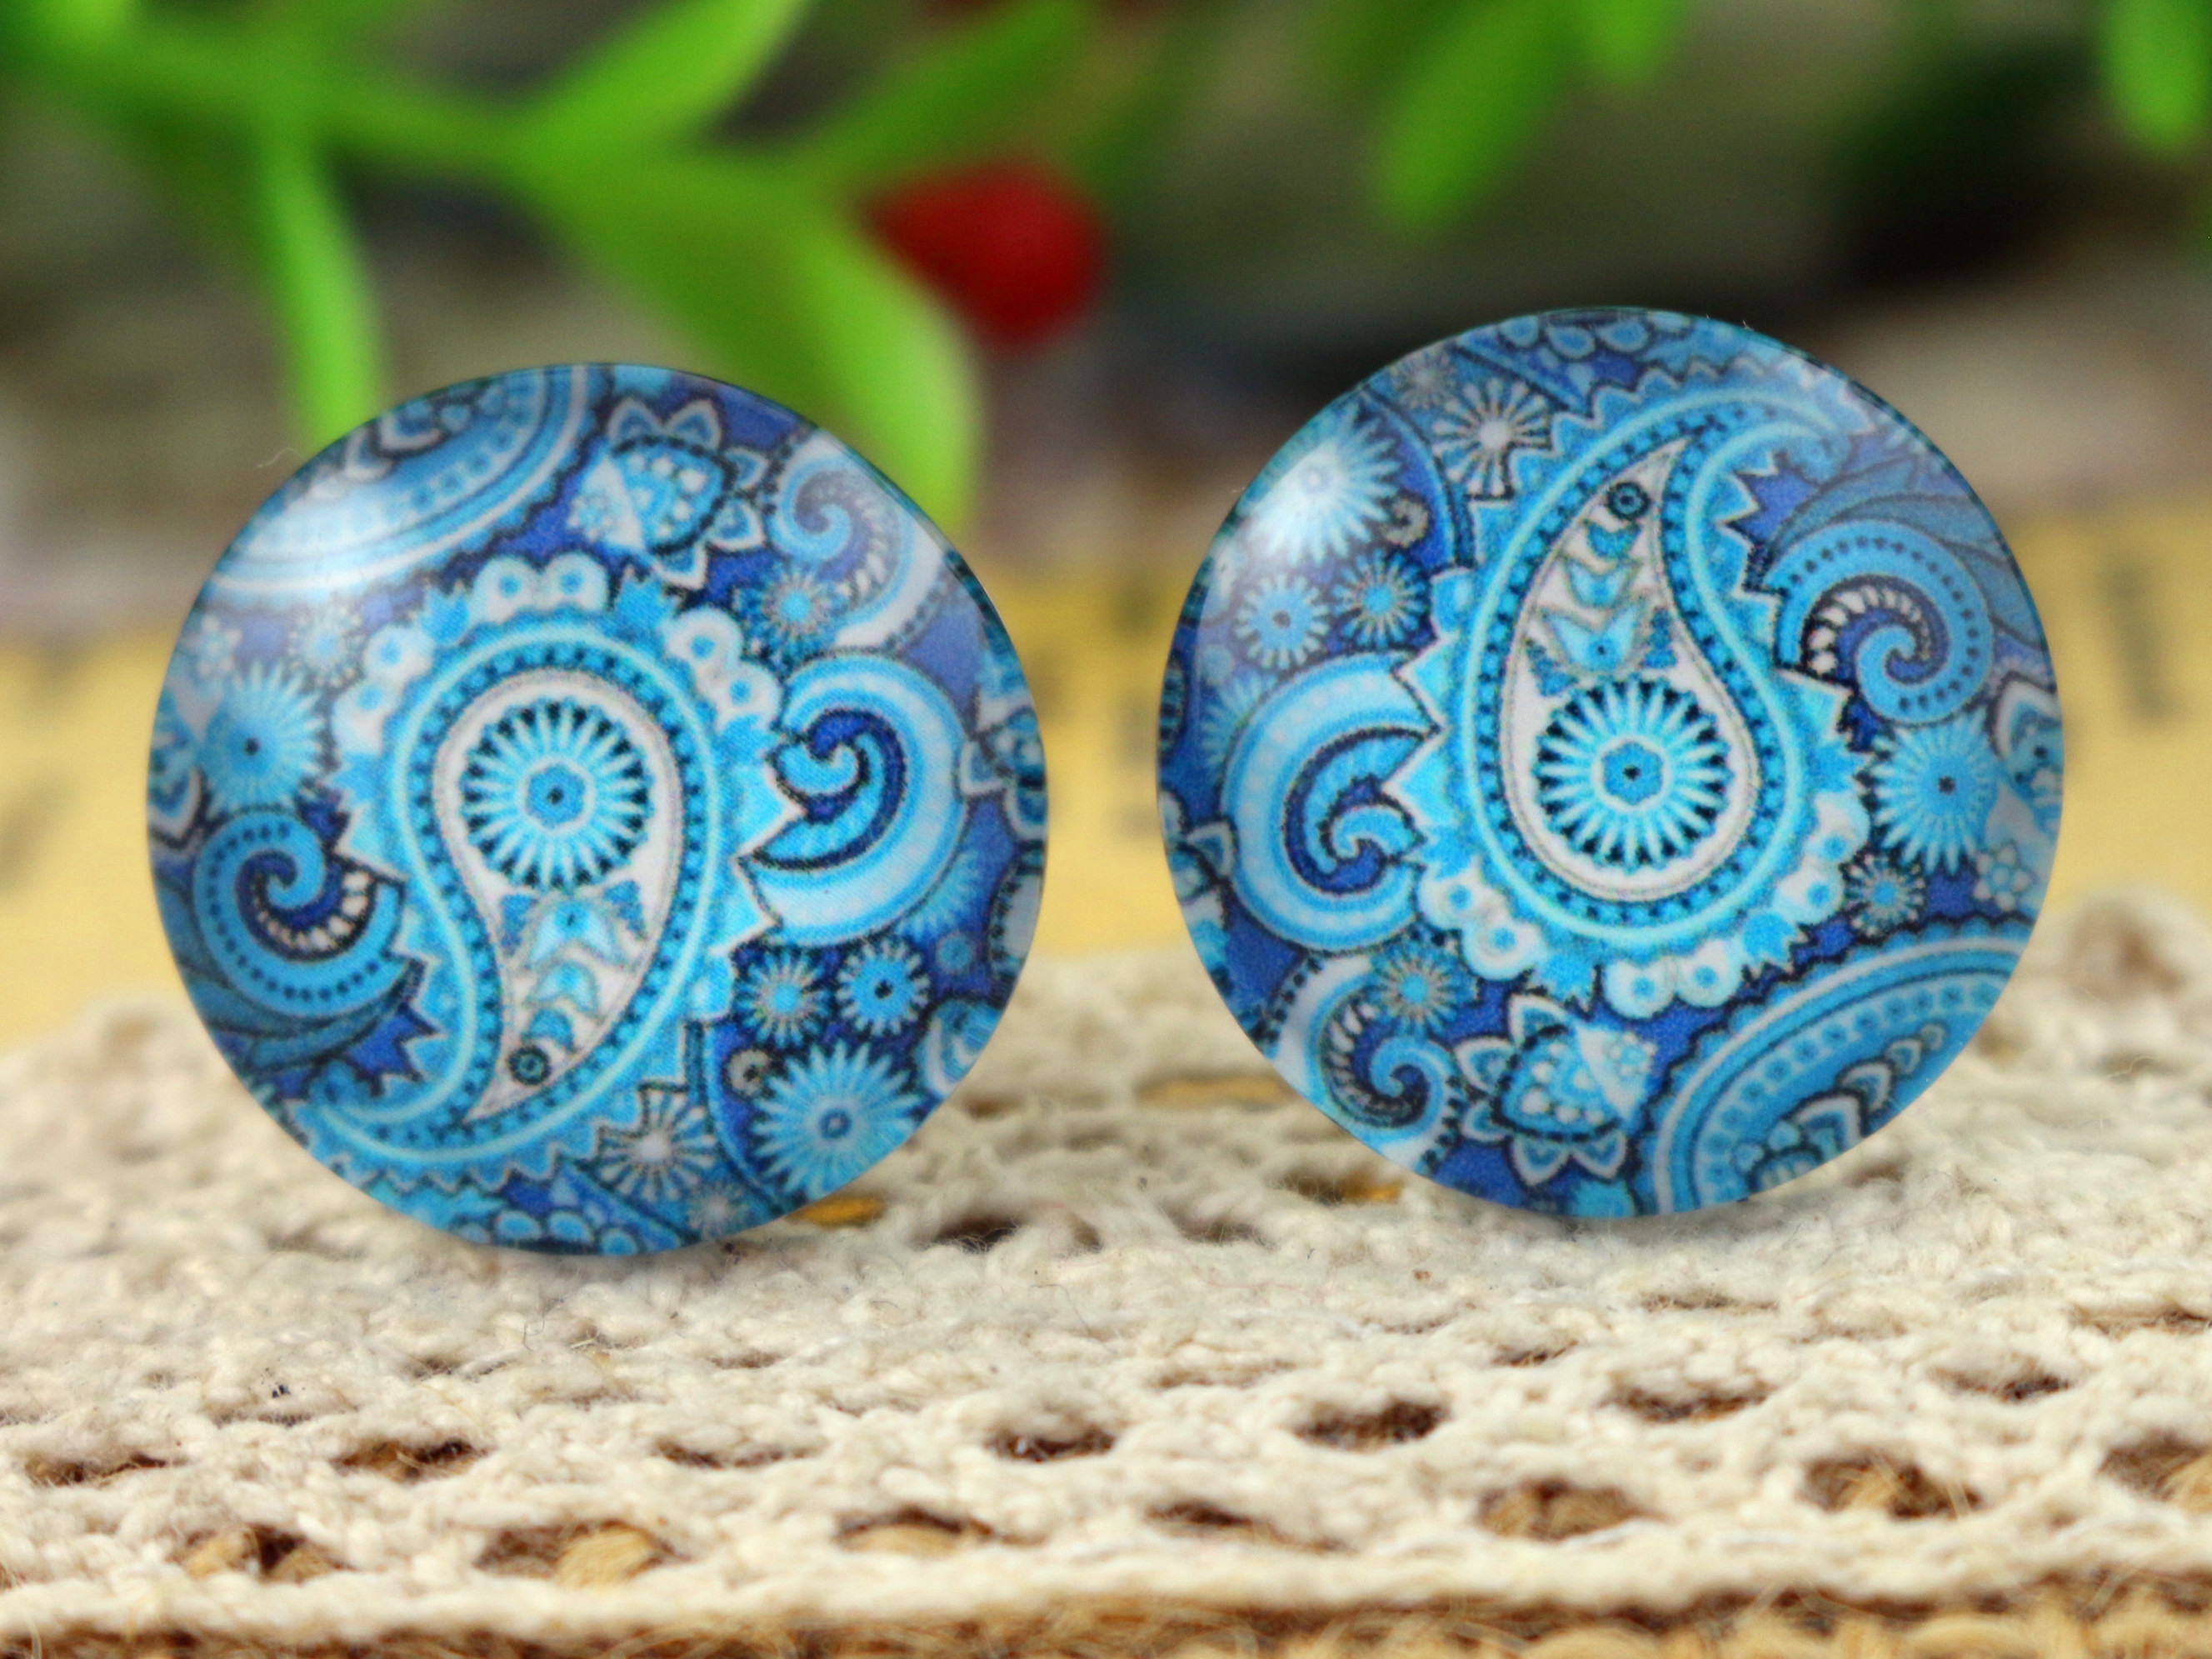 10pcs 20mm Handmade Photo Glass Cabochons  (H2-01)10pcs 20mm Handmade Photo Glass Cabochons  (H2-01)